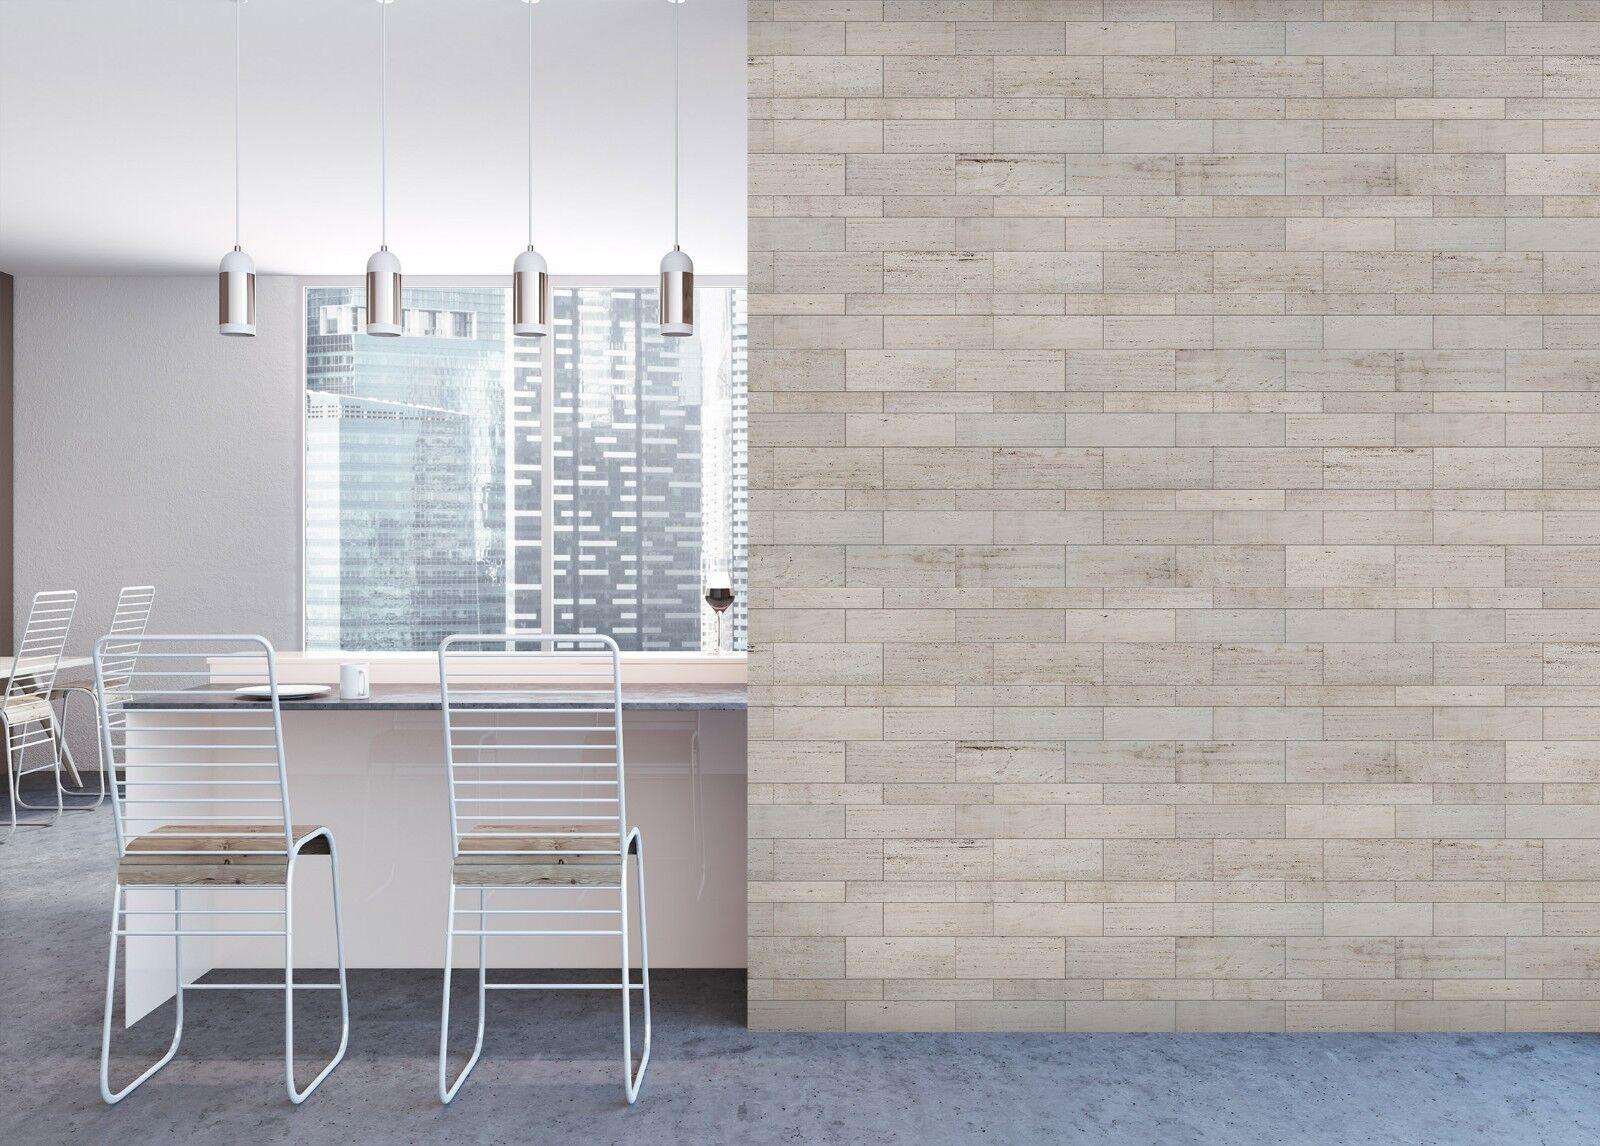 D muro in legno d texture piastrelle marmo muro carta